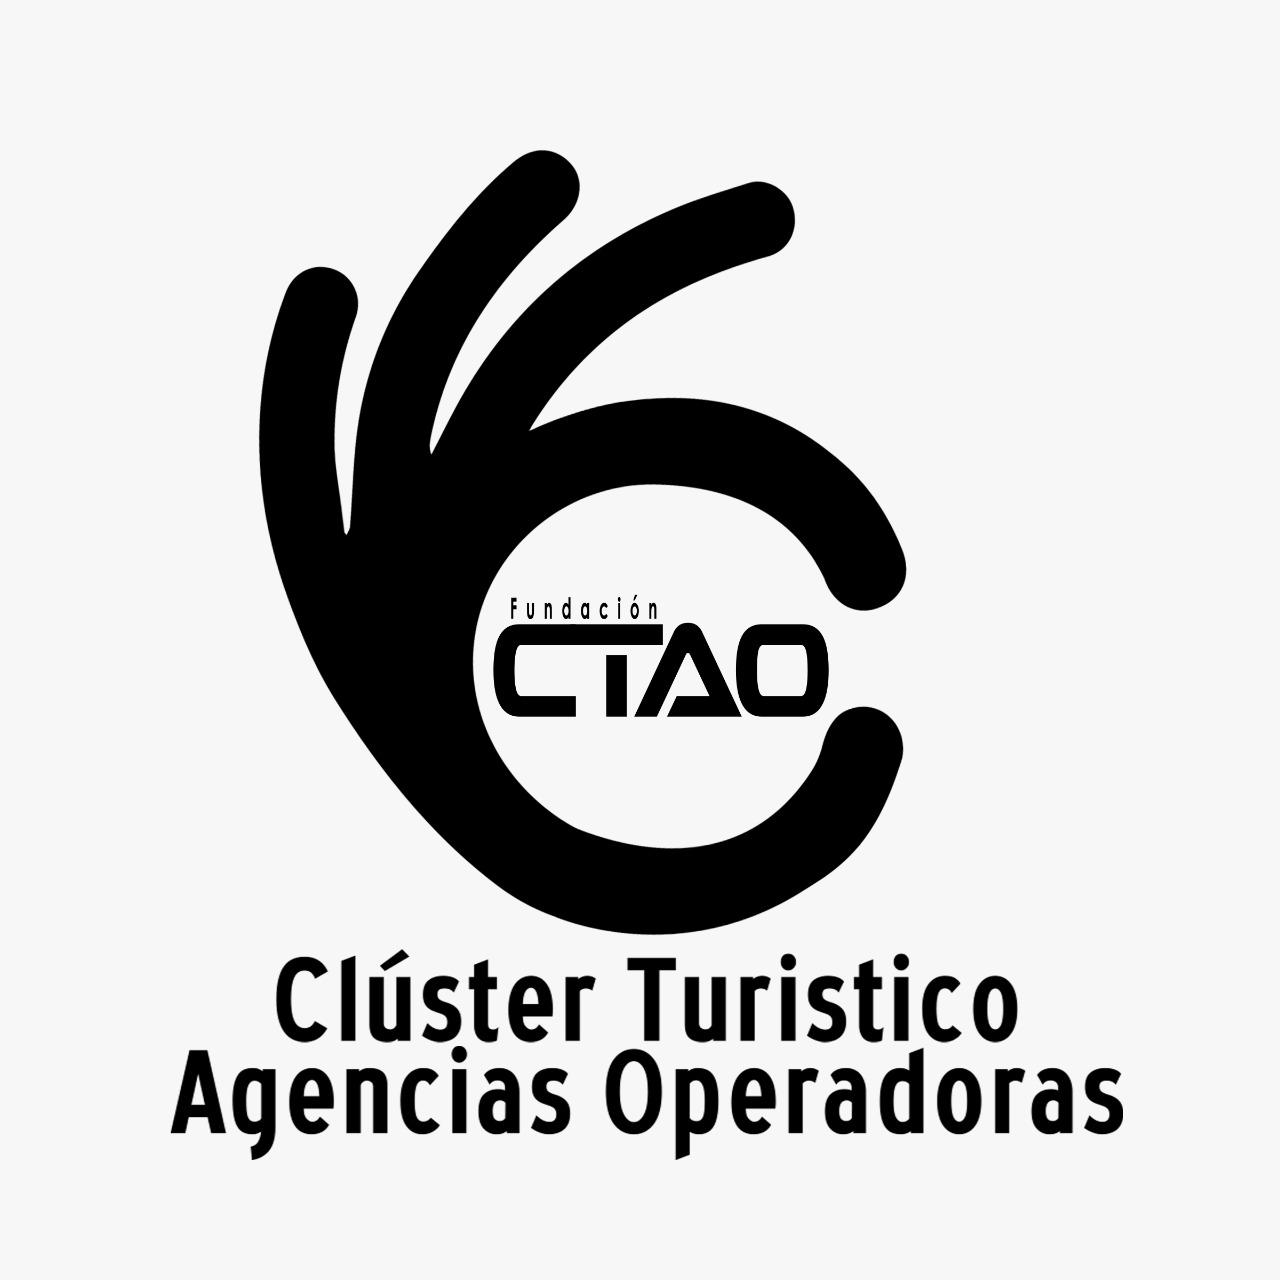 Clúster Turístico Agencias Operadoras CTAO